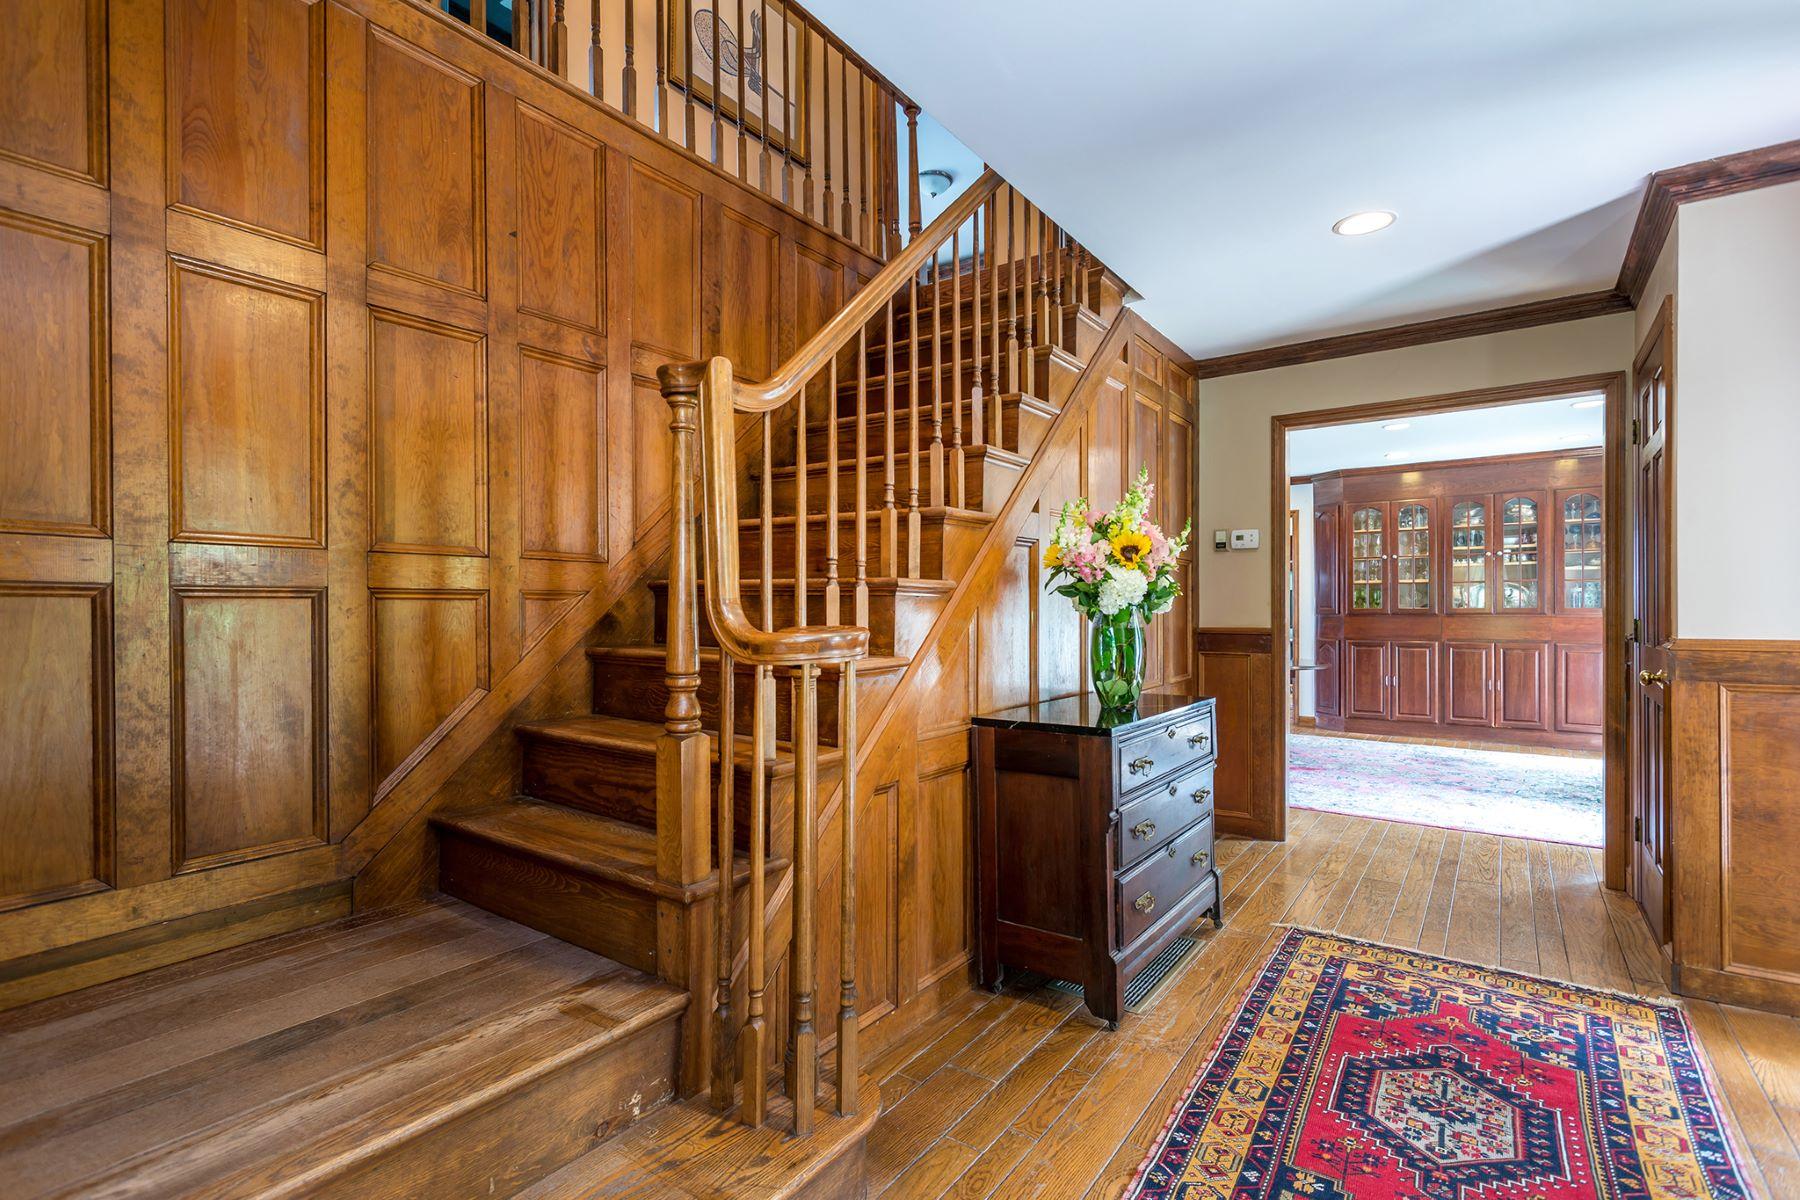 Additional photo for property listing at Woodbury Single Family 28 Leavenworth Road, Woodbury, Κονεκτικατ 06798 Ηνωμένες Πολιτείες